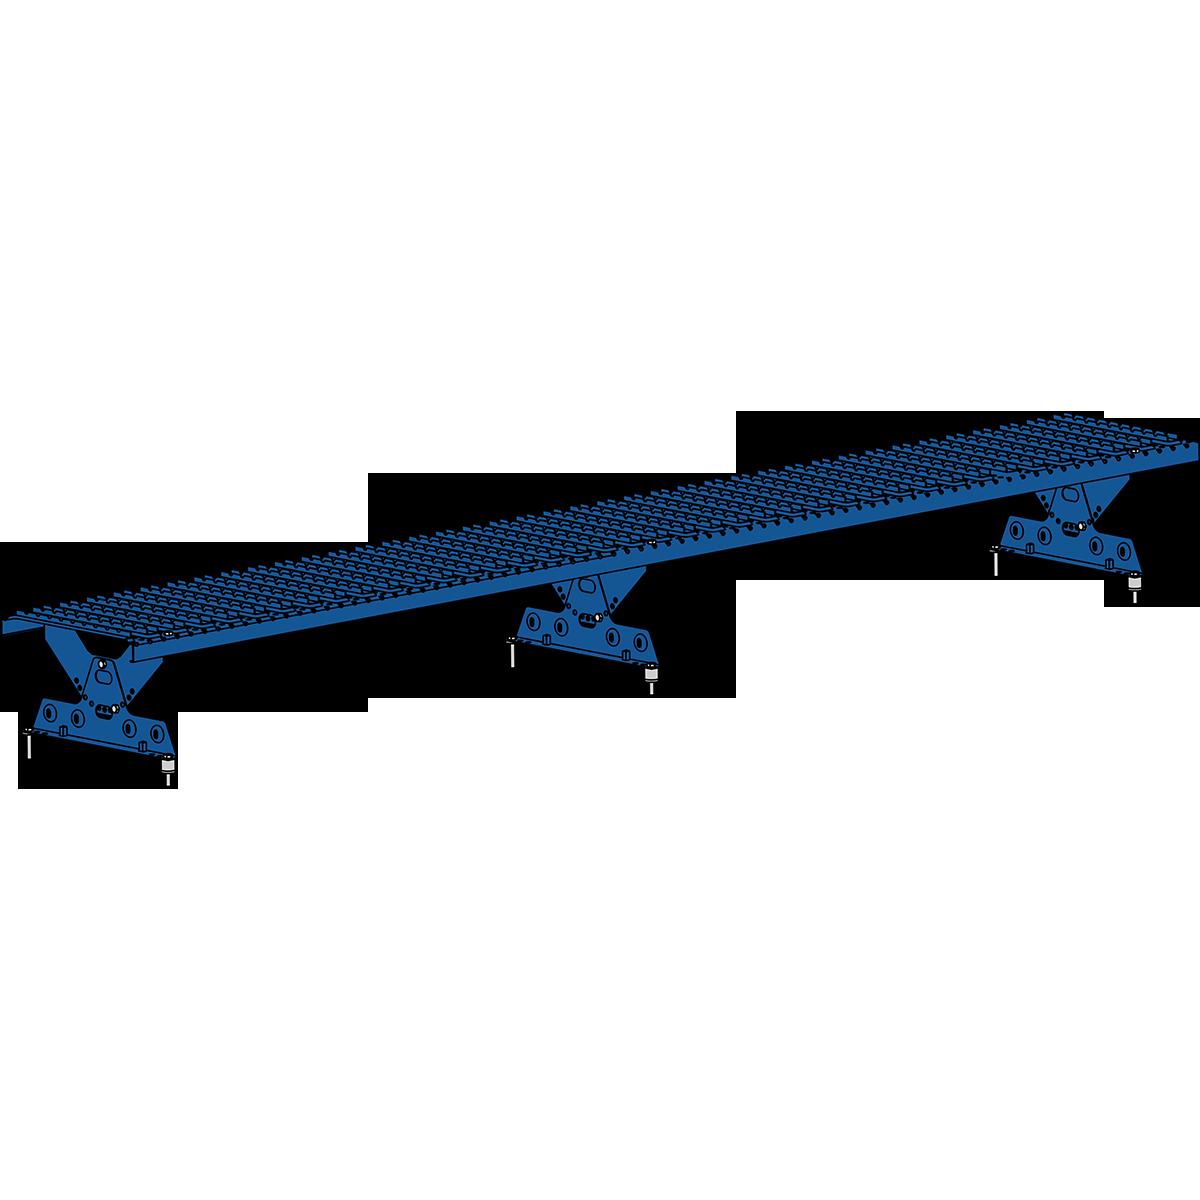 Мостик кровельный ROOFSYSTEMS ELITE 330 NEXT 2,5 м RAL 5005 Синий насыщенный